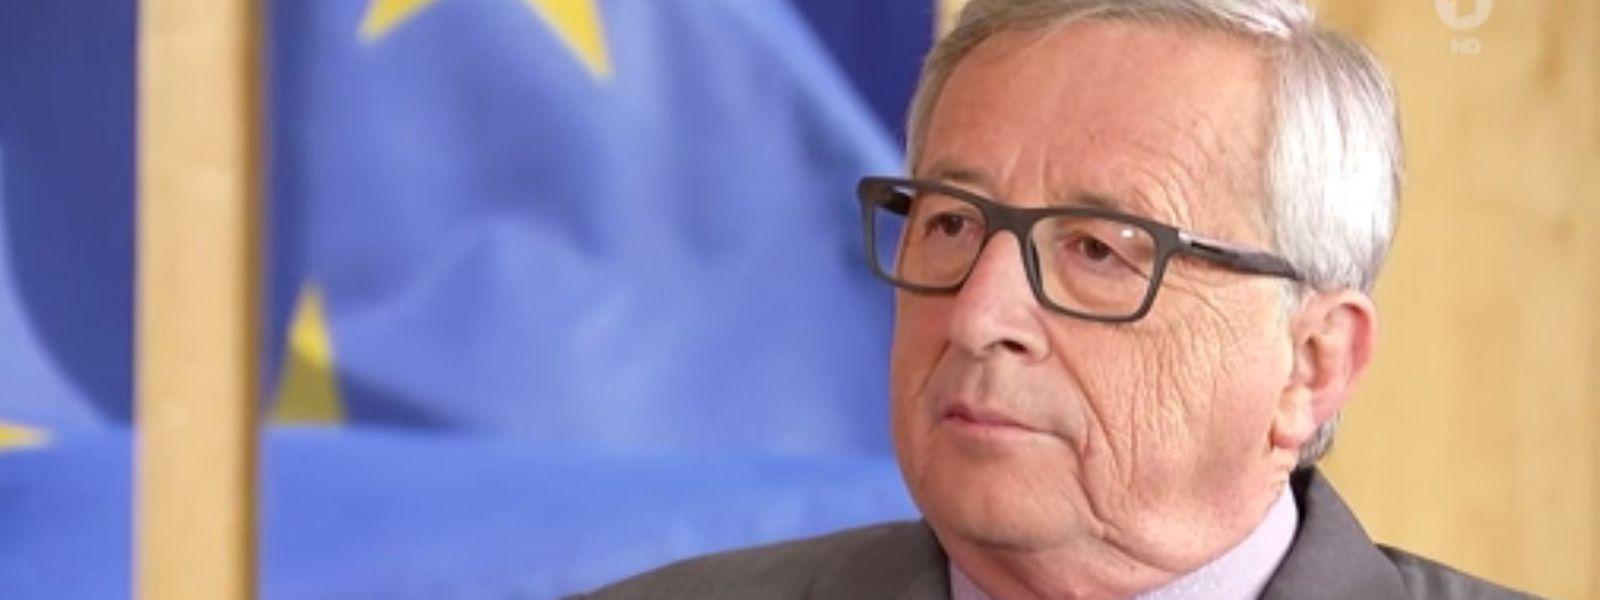 """EU-Kommissionspräsident Juncker im ARD-Interview: """"In ihrem aktuellen Zustand kann die Türkei nicht EU-Mitglied werden."""""""